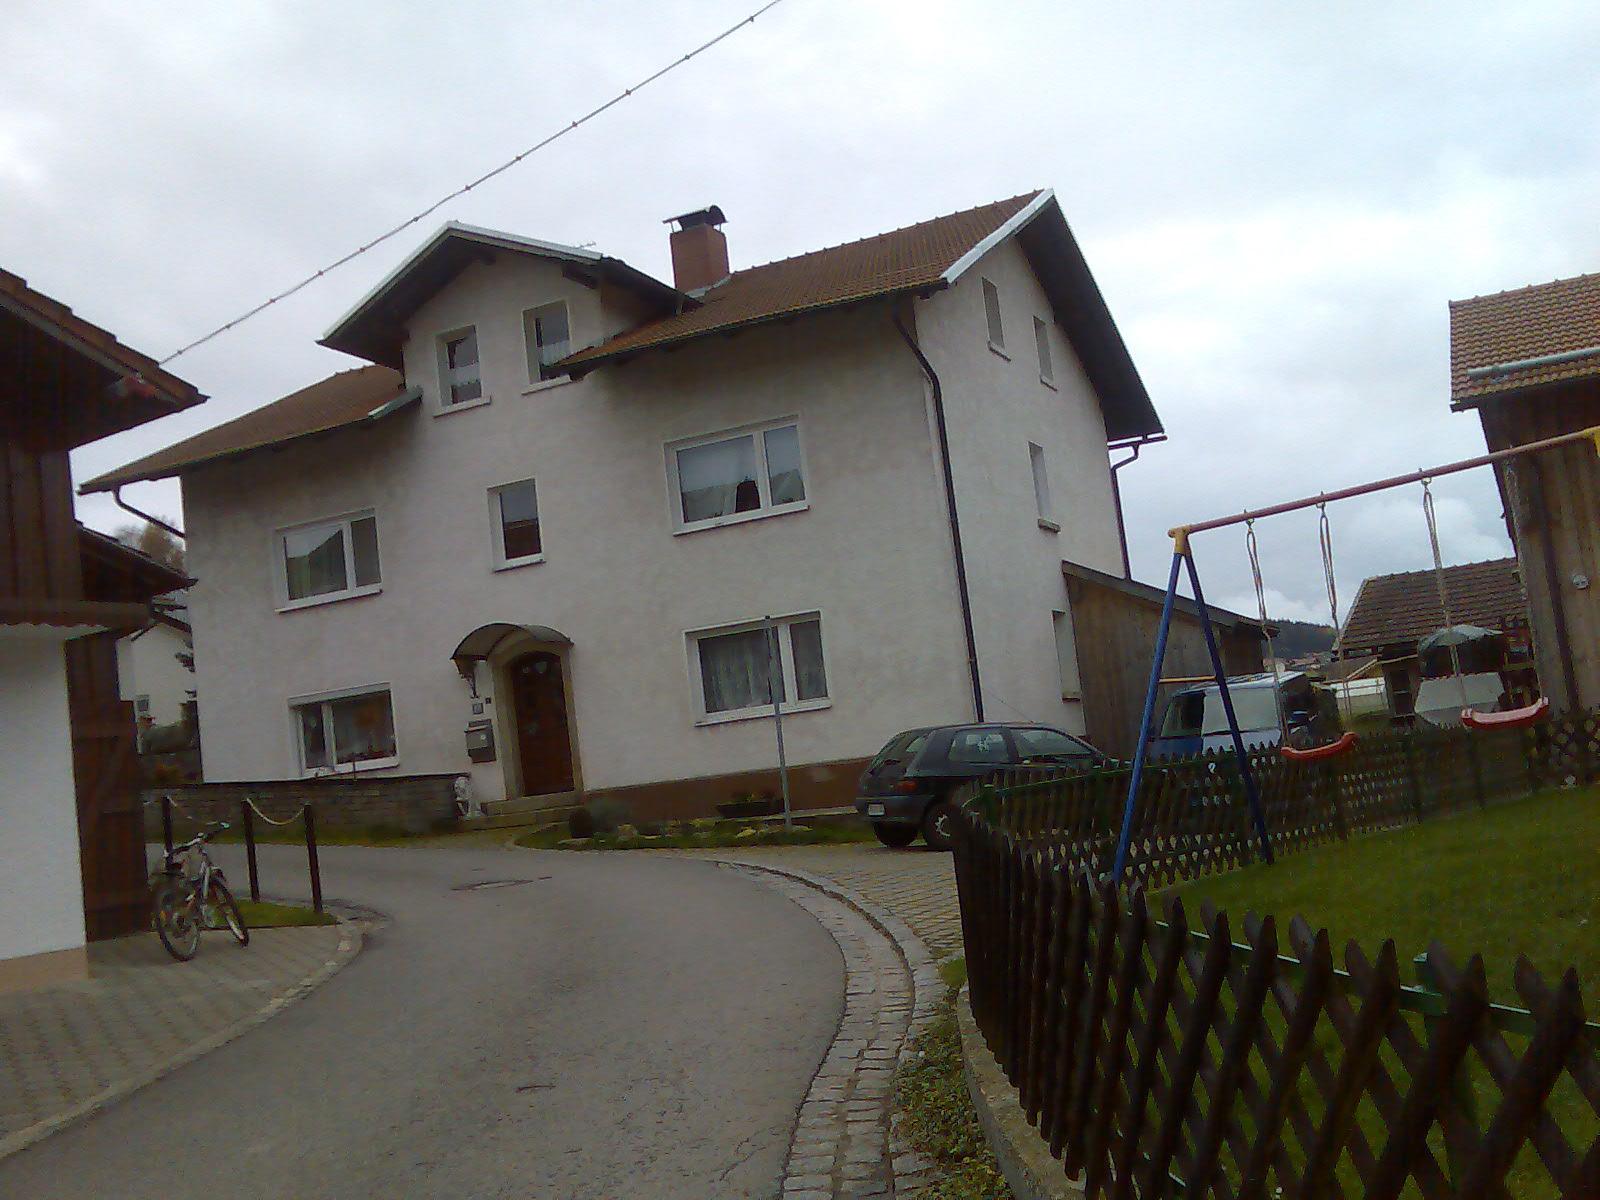 Verkoop villa hohenwarth bad oeynhausen duutslaand unteredorf - Verkoop van bad ...